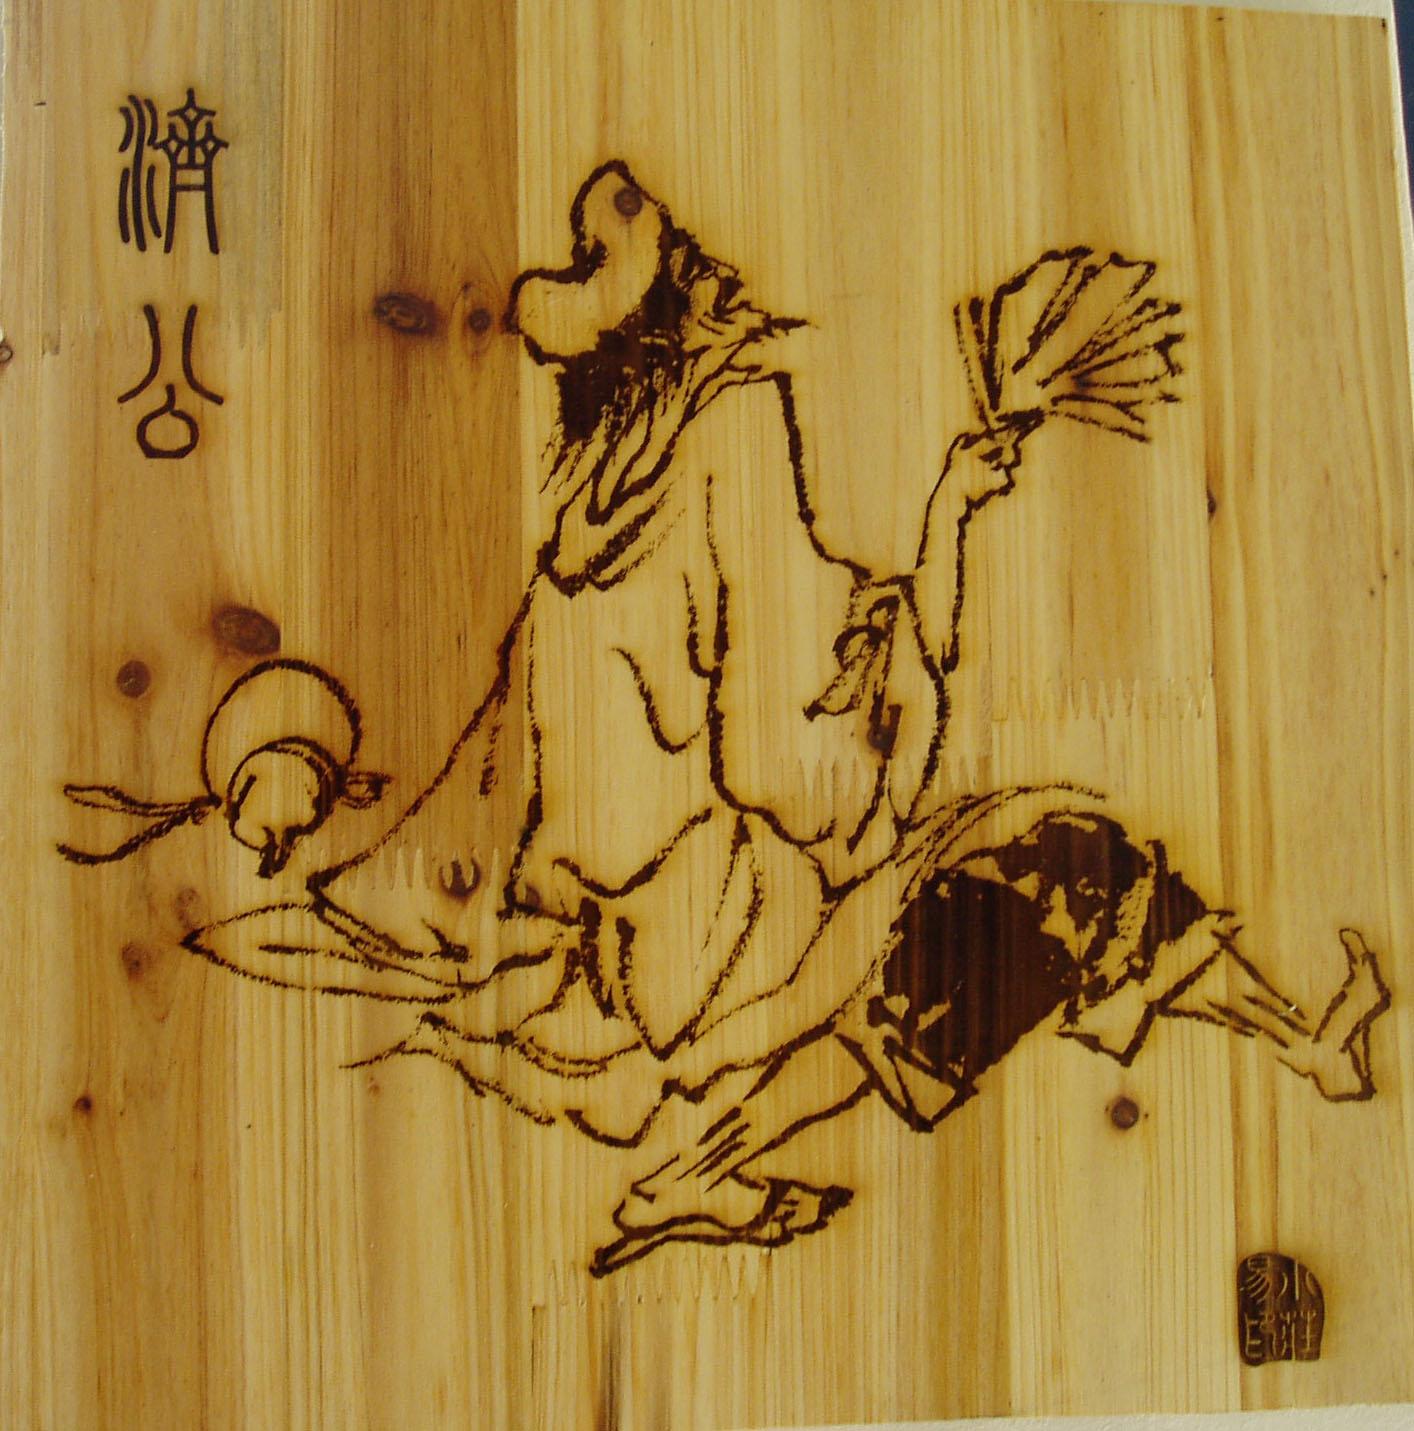 自己的相片如何成木板刻画图片